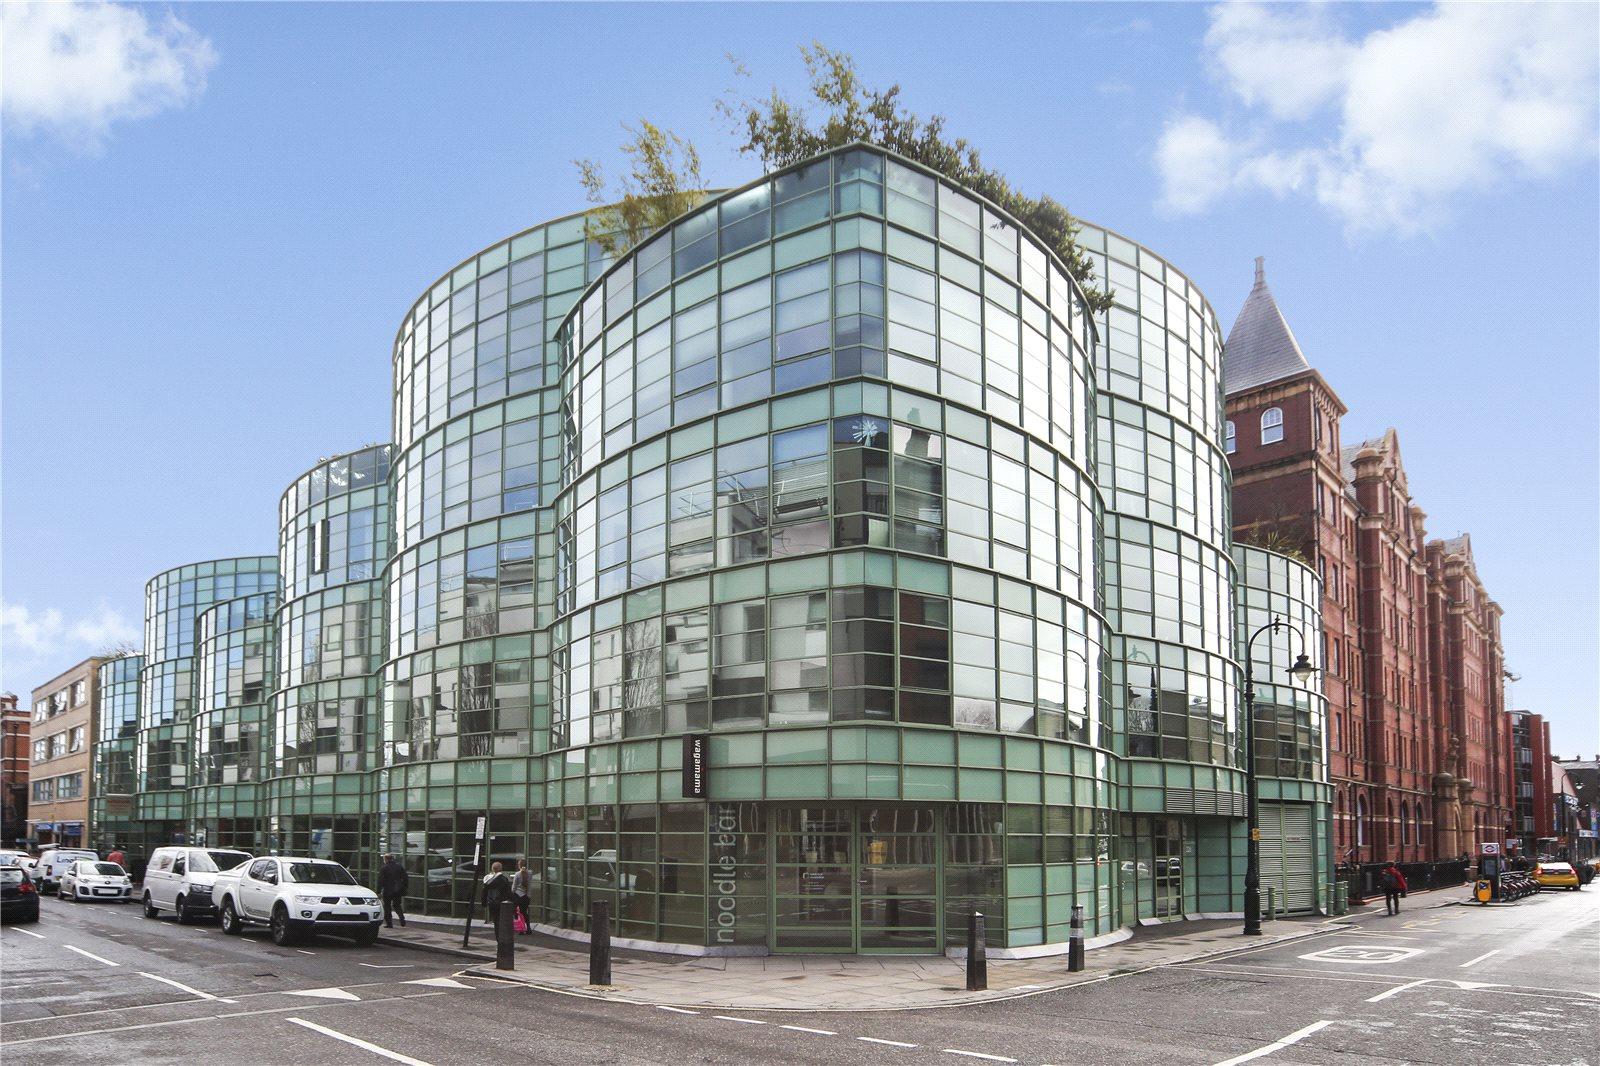 Piers Gough's Glass Building is a Camden landmark